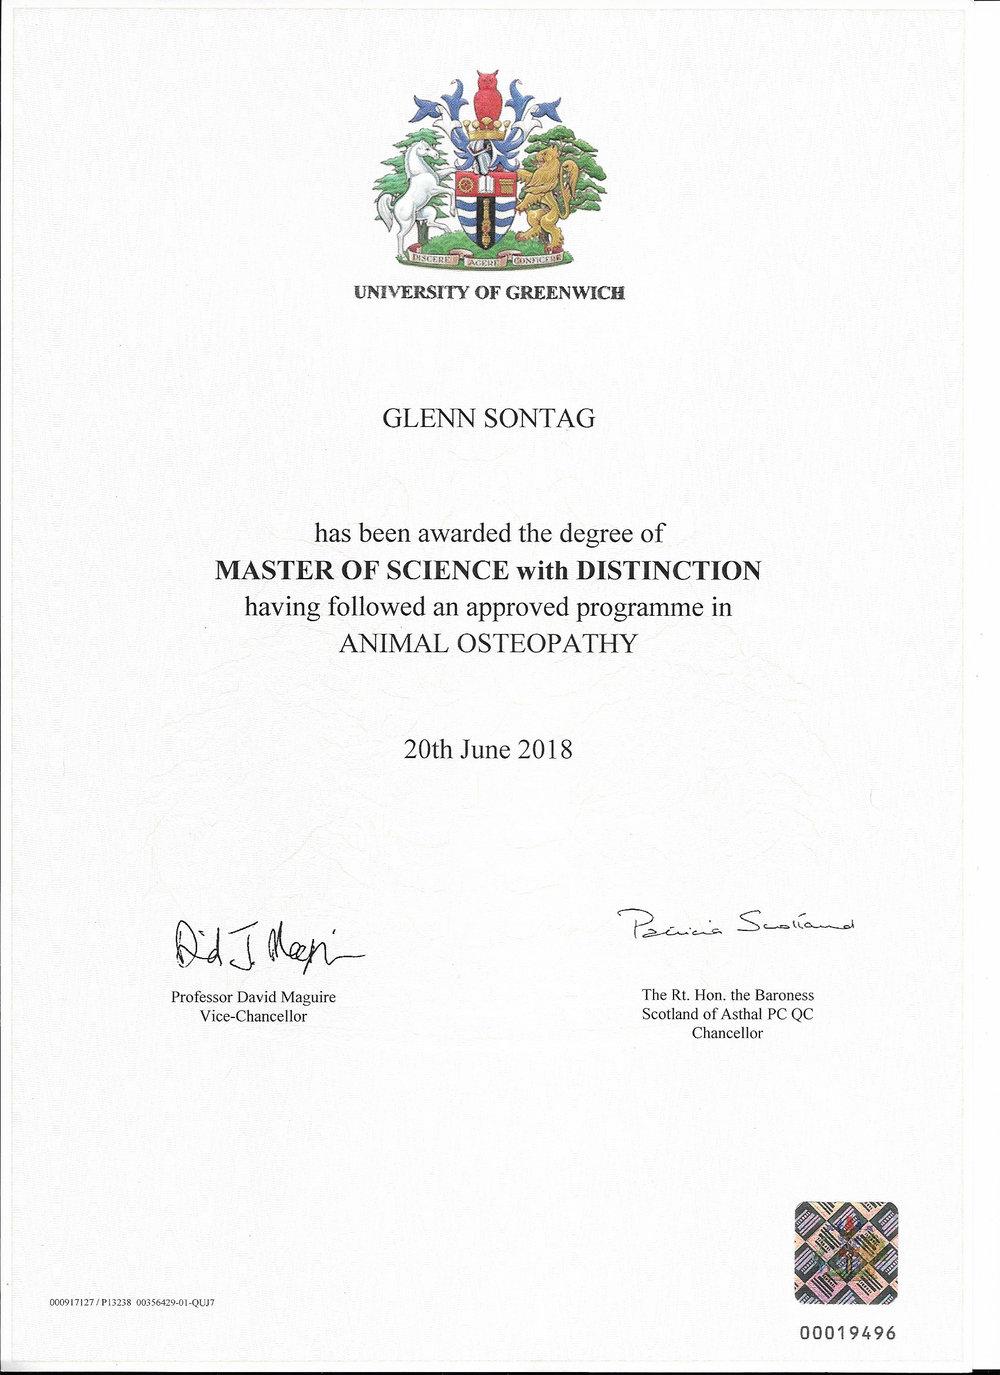 MSc AO certificate.jpg